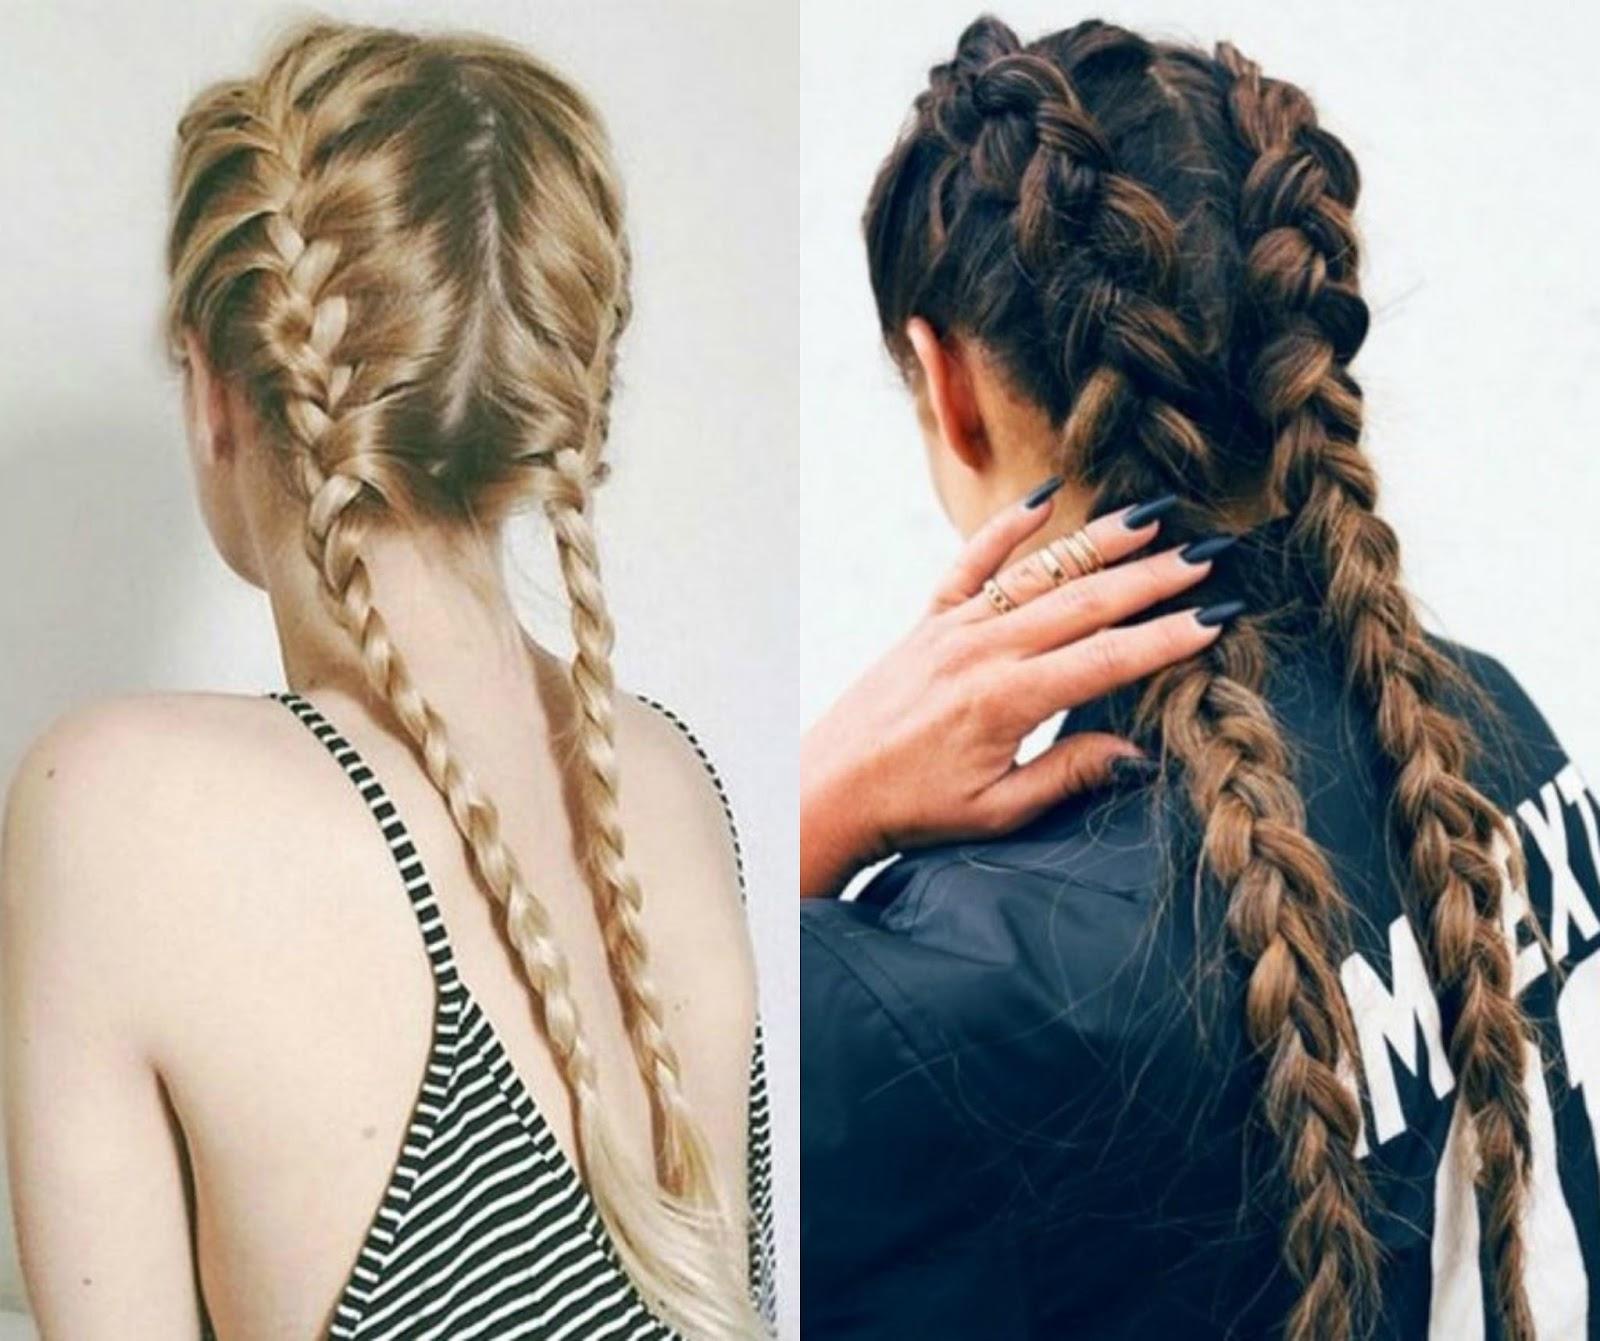 Swell Estilo Teen Penteados Inspirado No Tumblr Hairstyles For Men Maxibearus